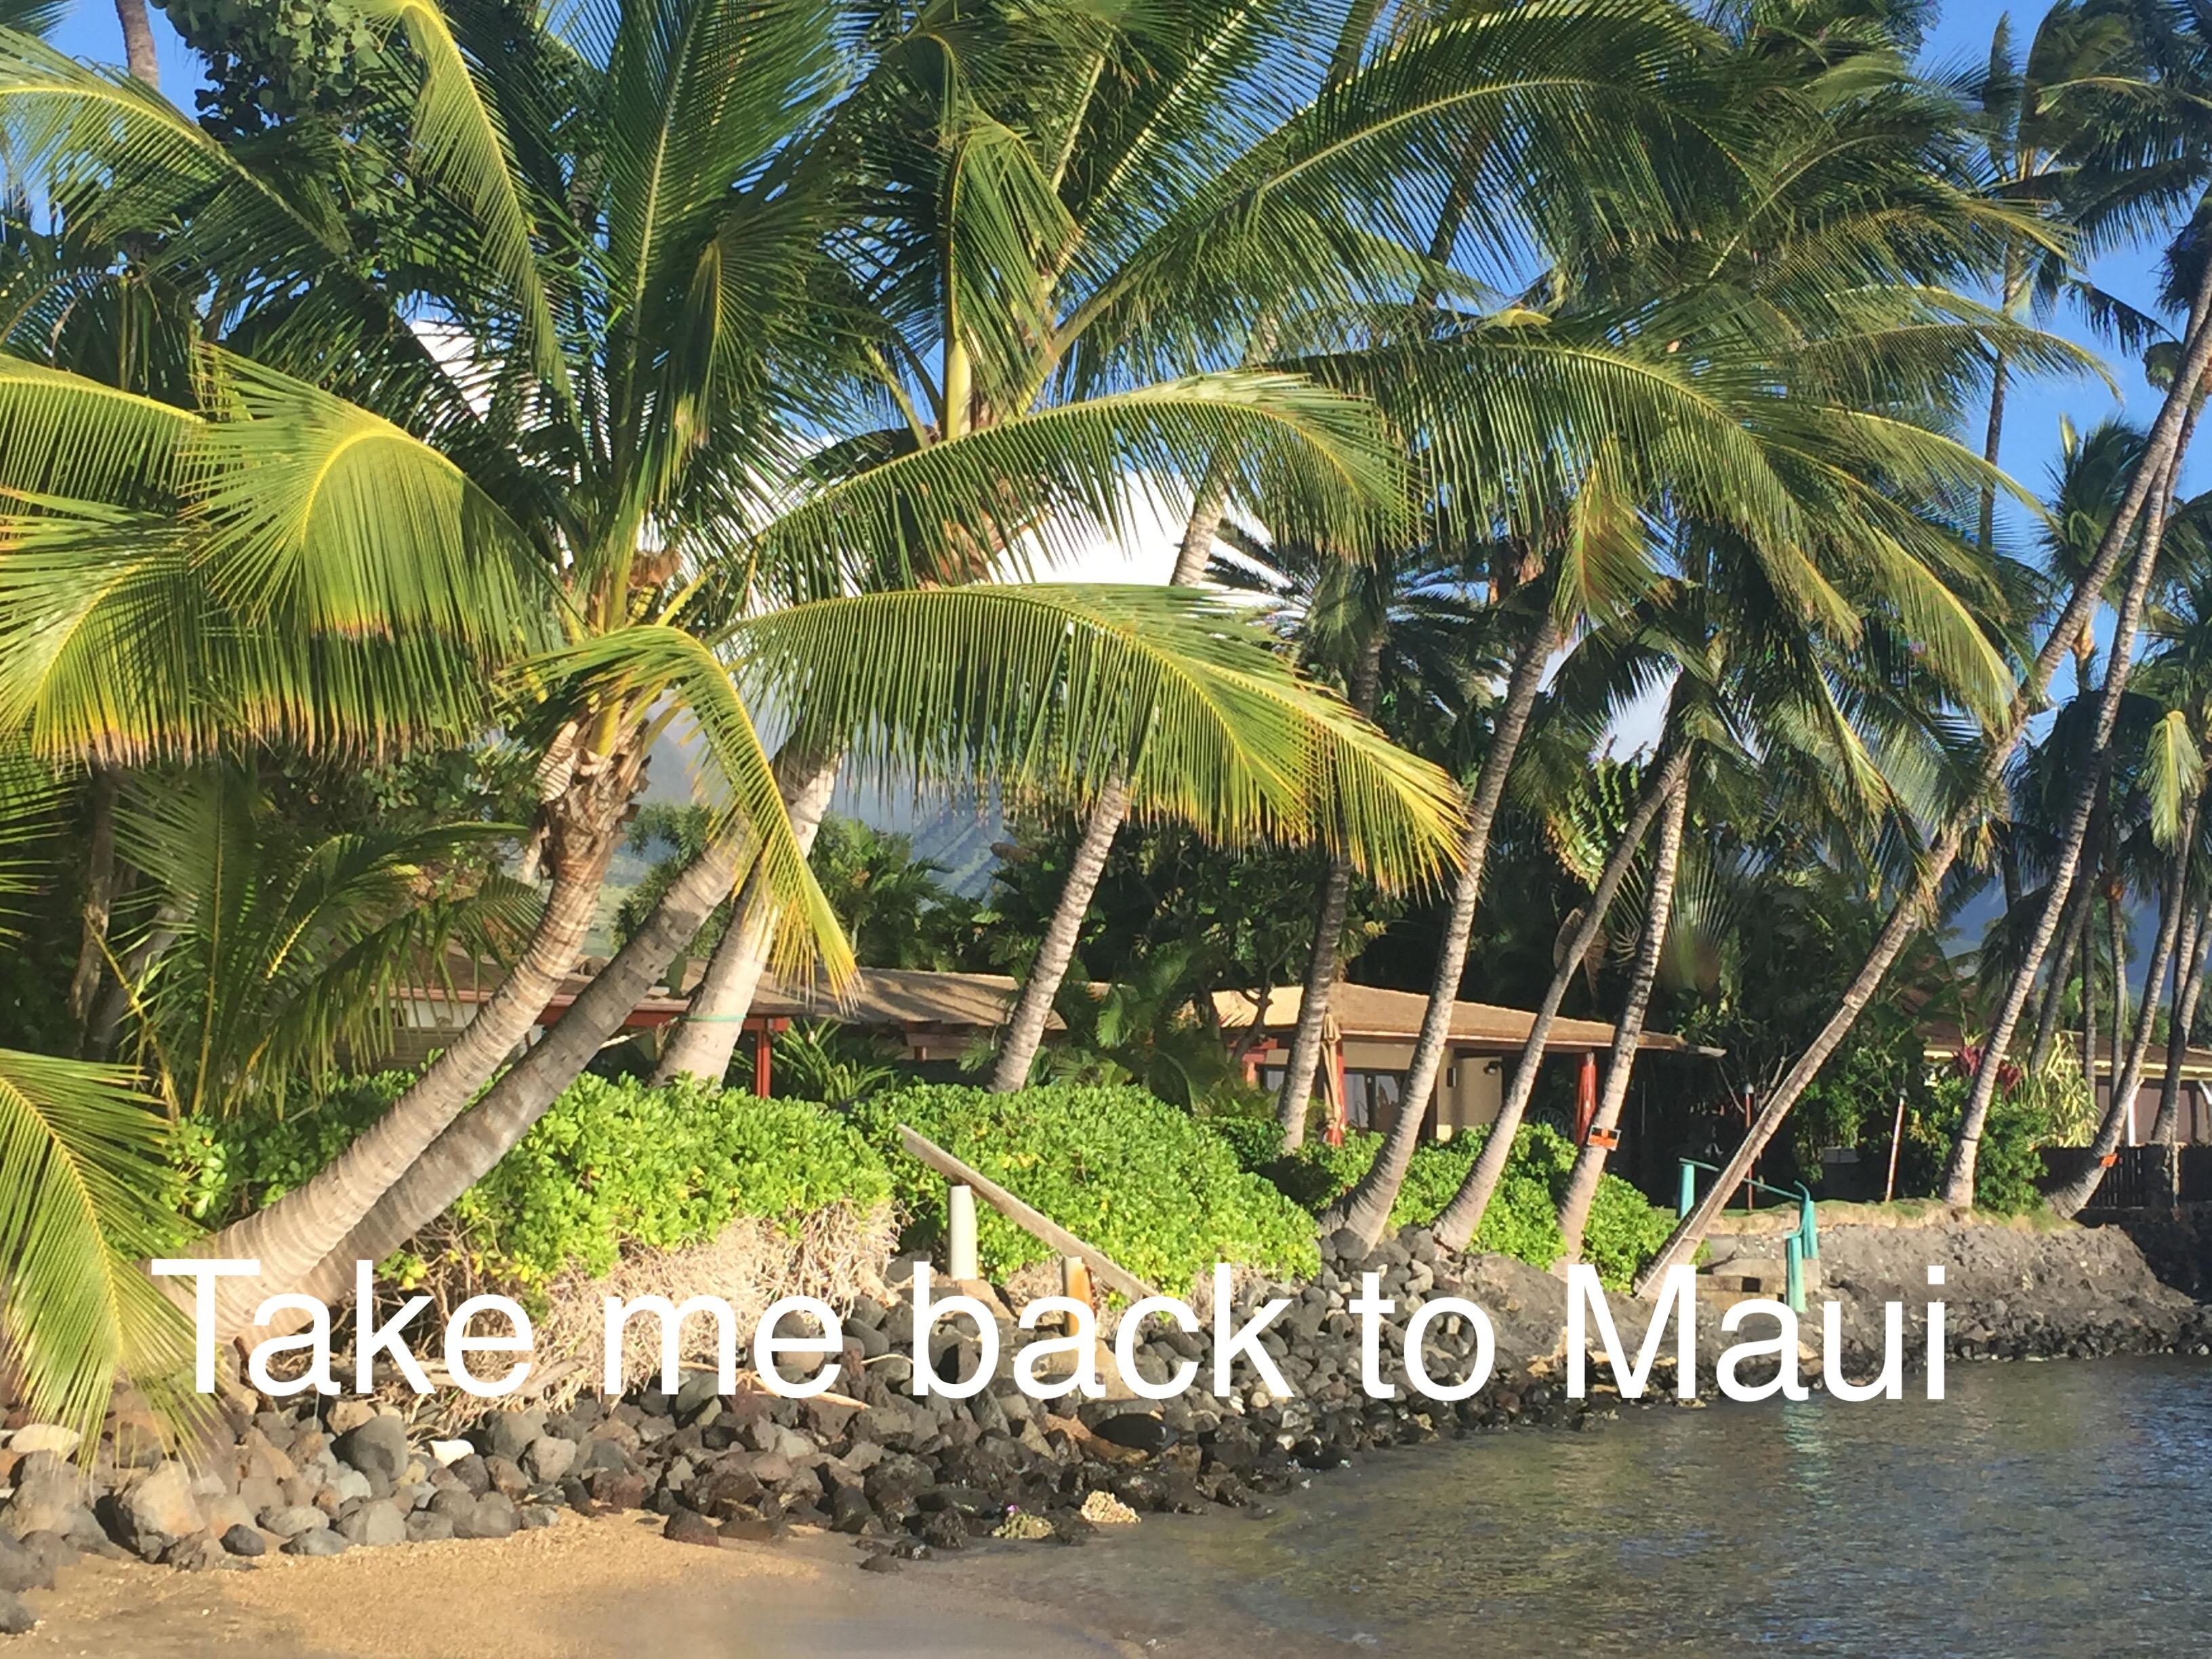 Back to Maui